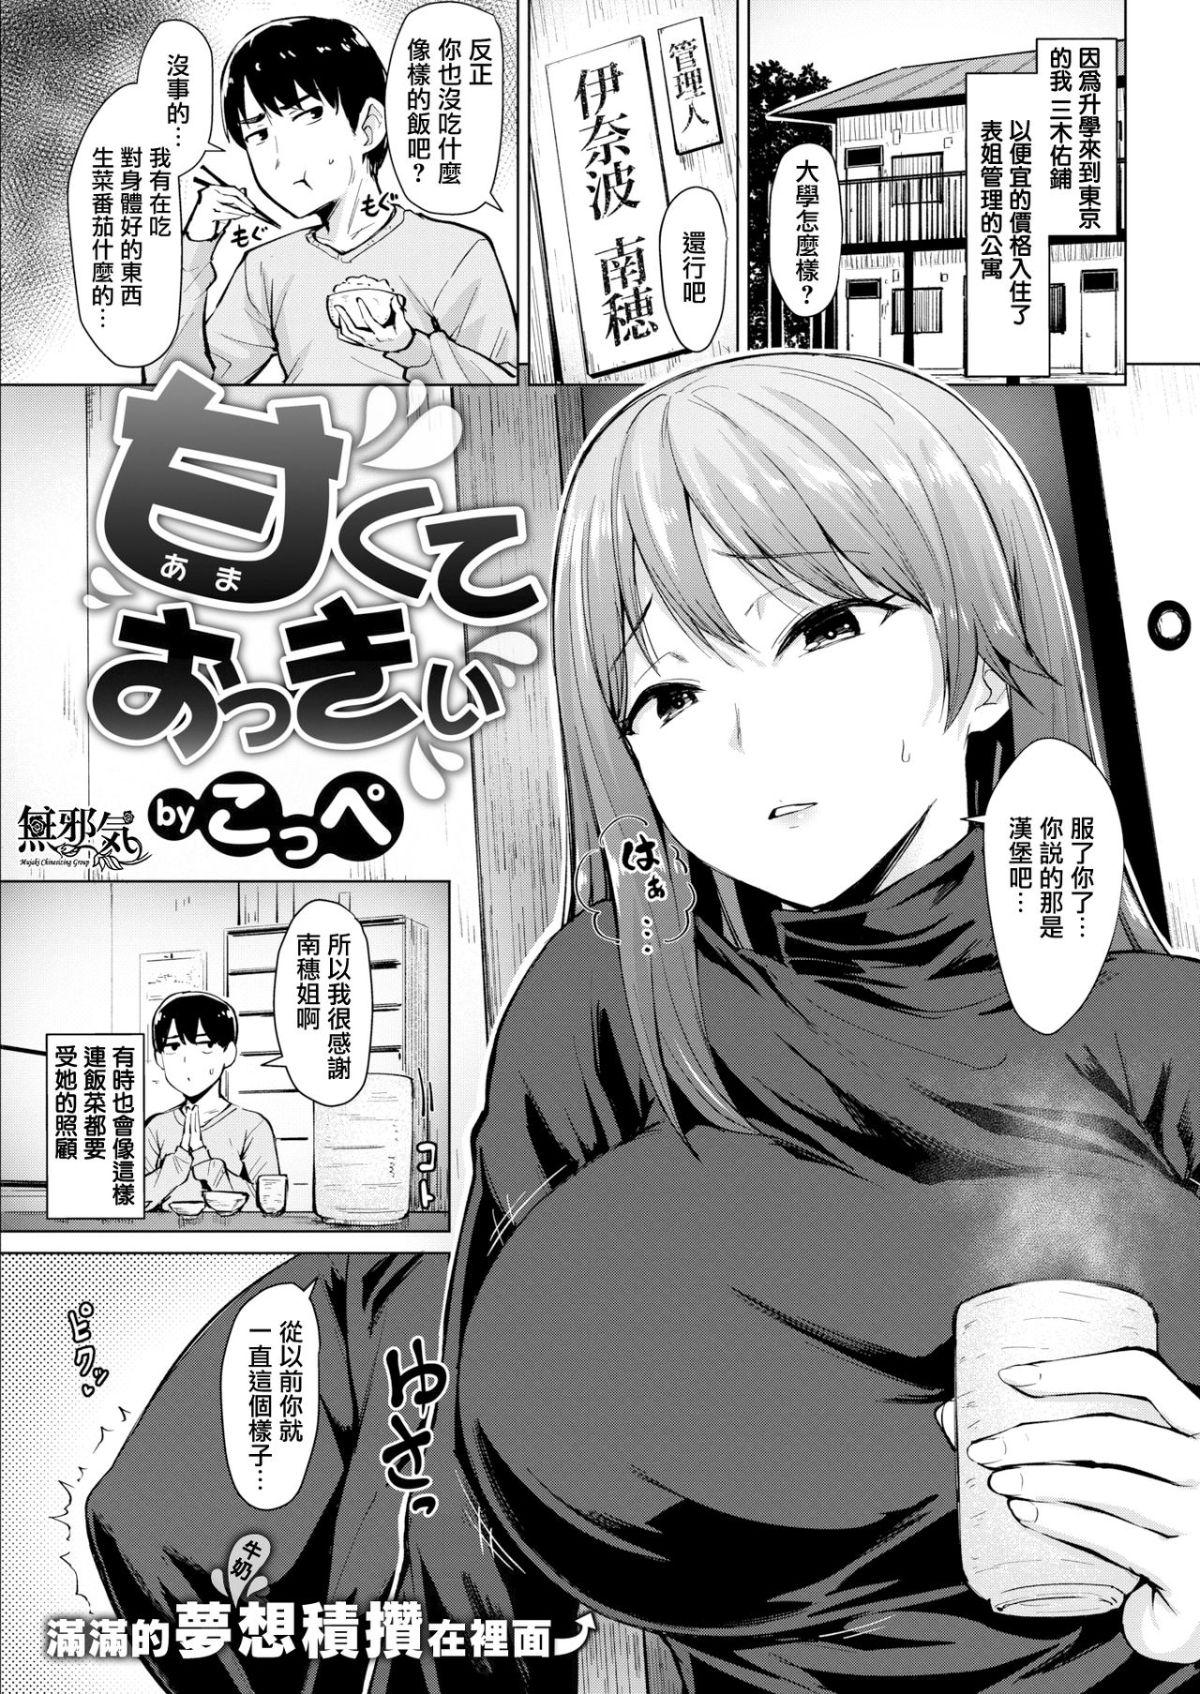 [無邪気漢化組][こっぺ] 甘くておっきぃ (COMIC快楽天ビースト 2019年1月號)(17P) - 情色卡漫 -